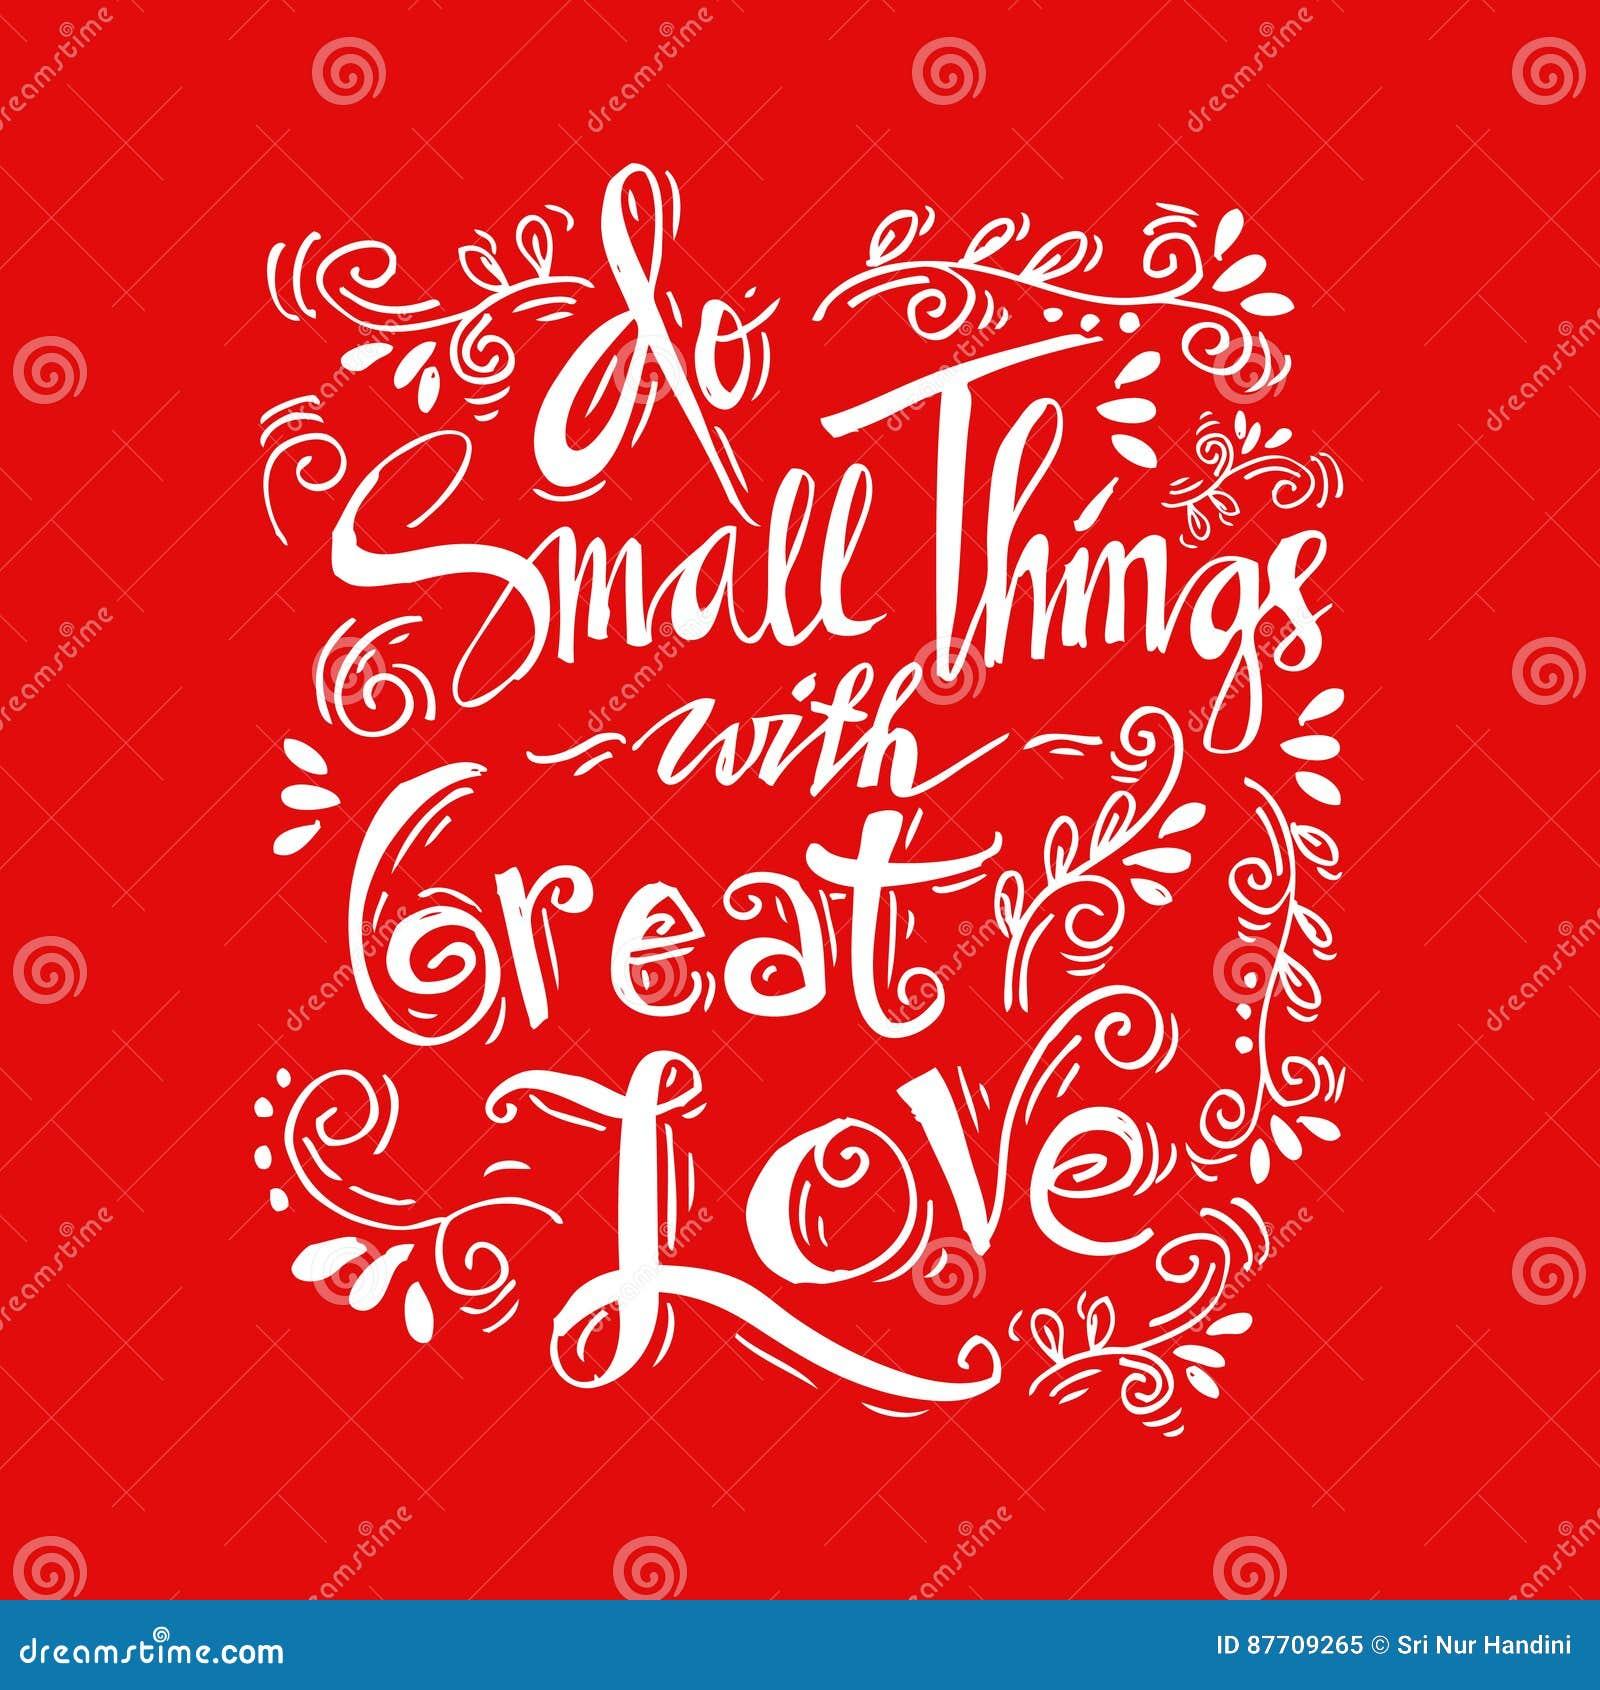 Faites les petites choses avec grand amour